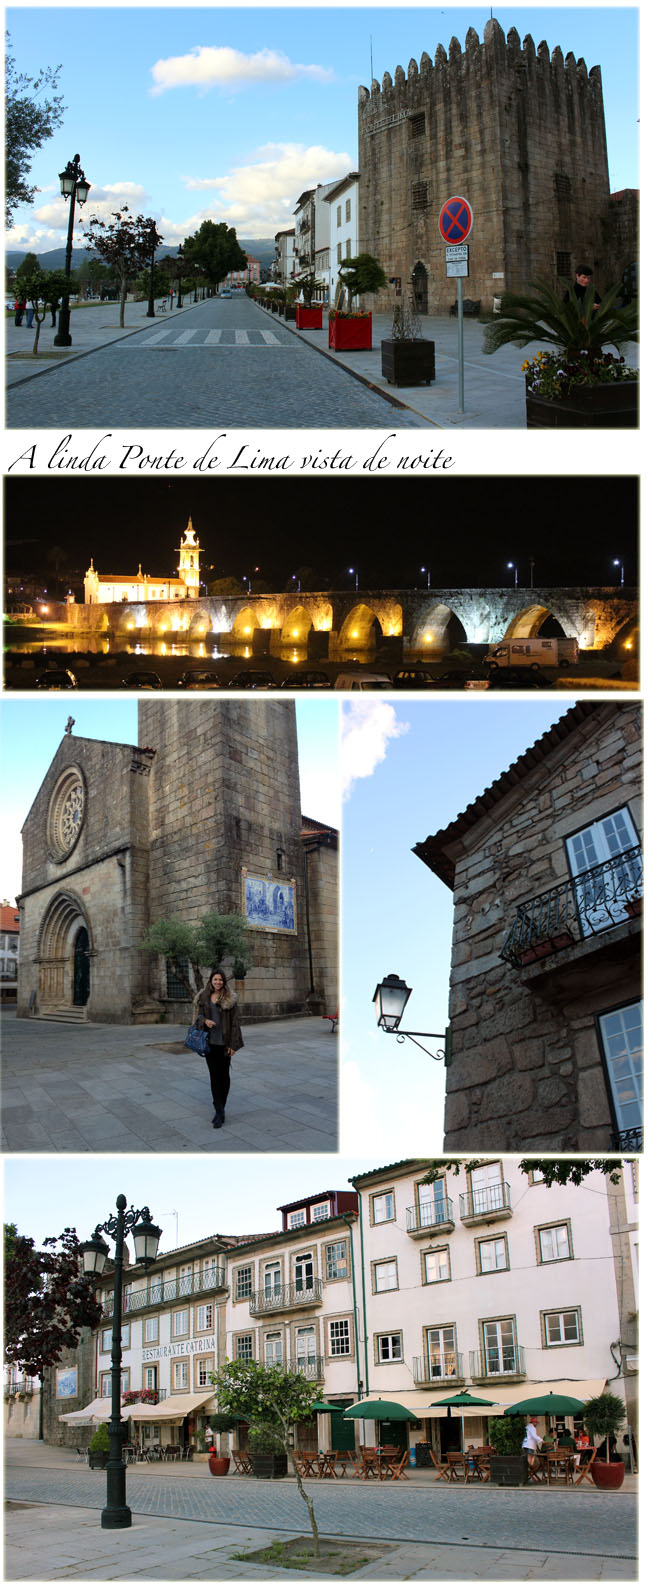 ponte de lima, portugal, solares de portugal, paco de calheiros, dicas de portugal, conde de calheiros